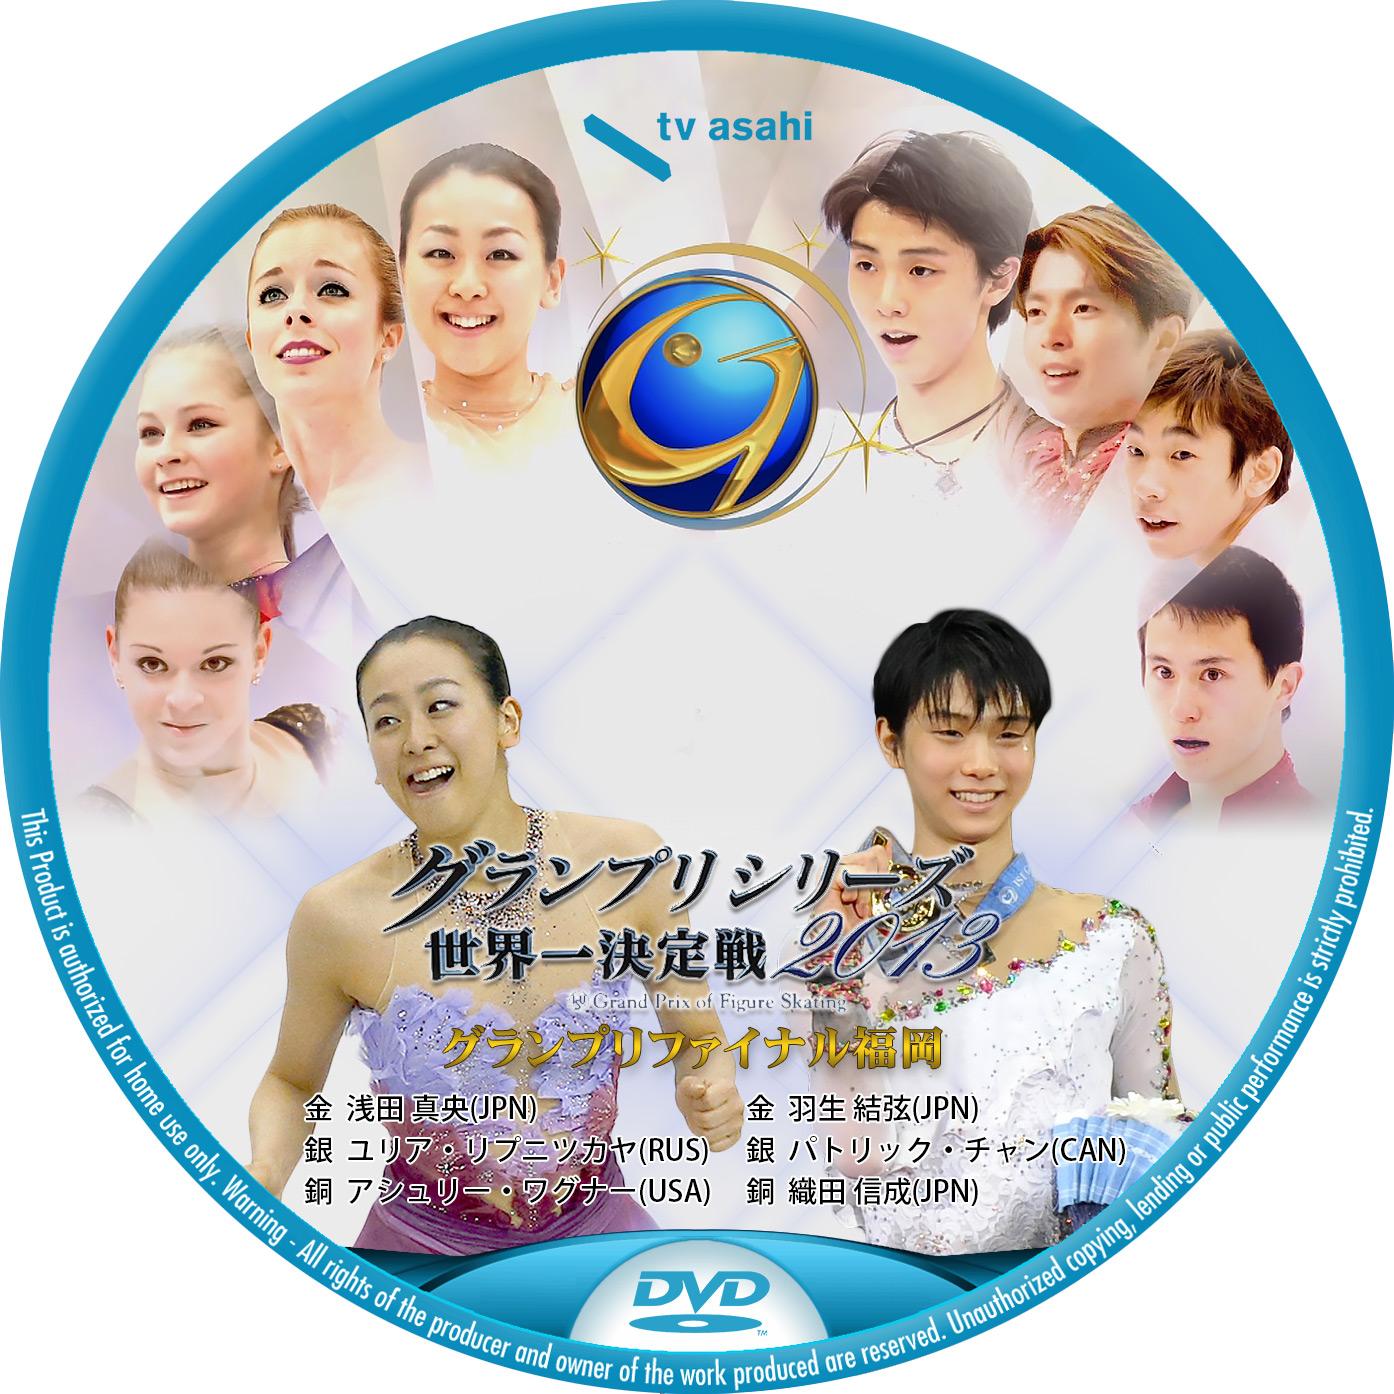 GPファイナル DVDラベル